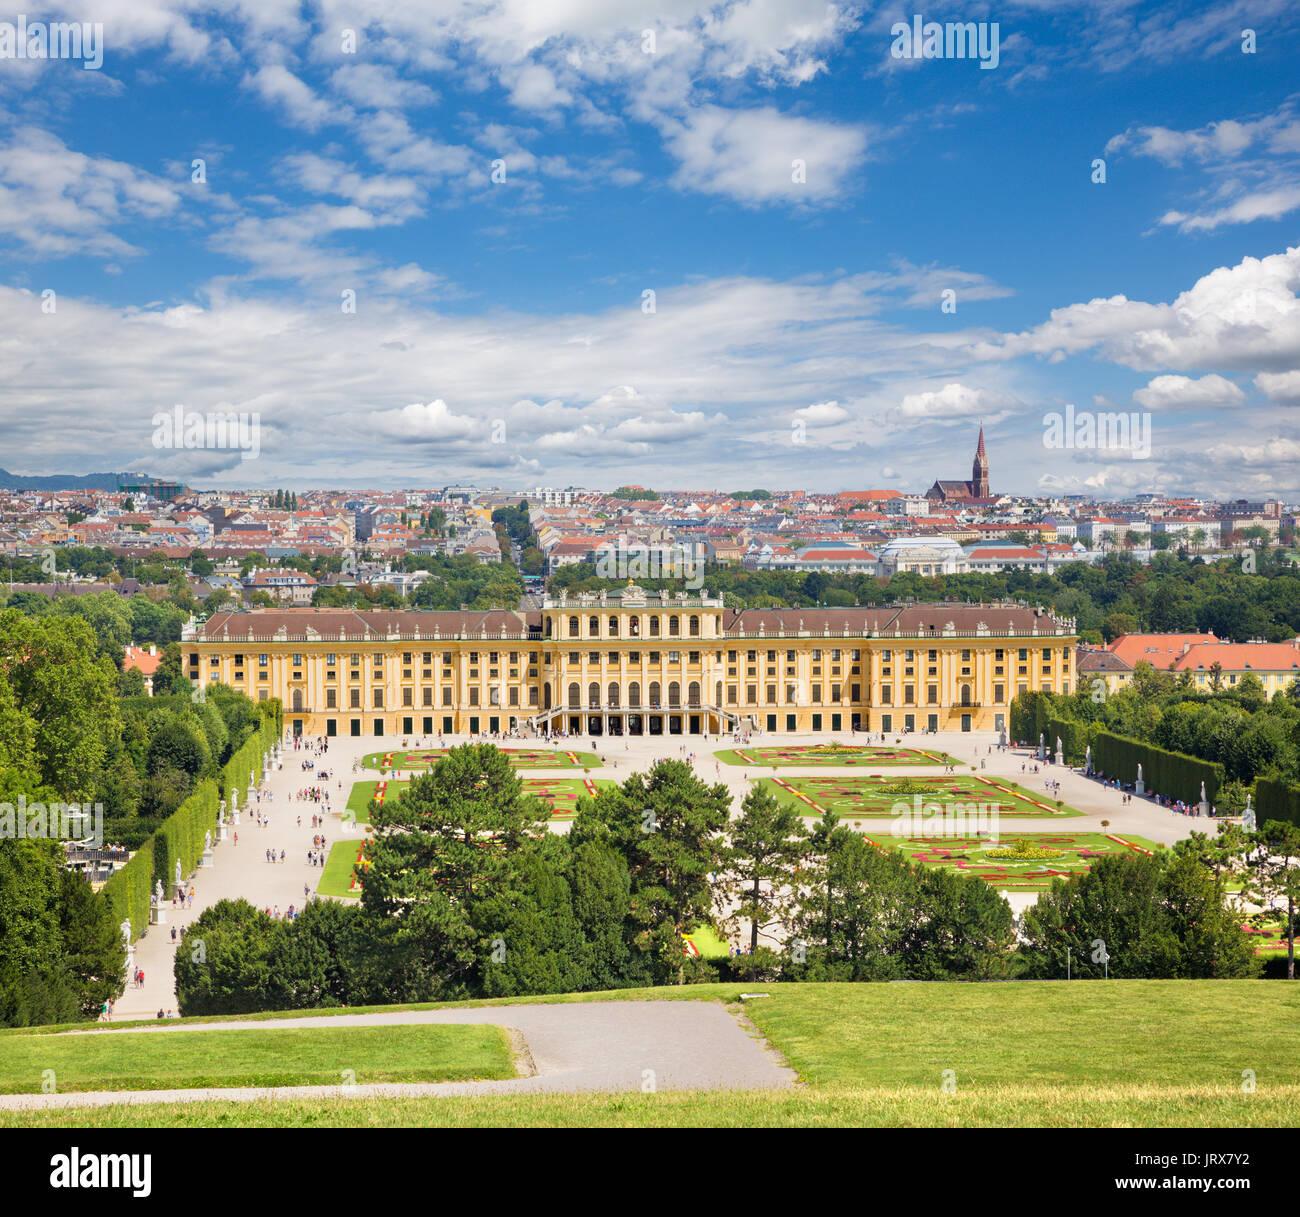 Vienna - Il Palazzo di Schonbrunn e i giardini e parco. Immagini Stock